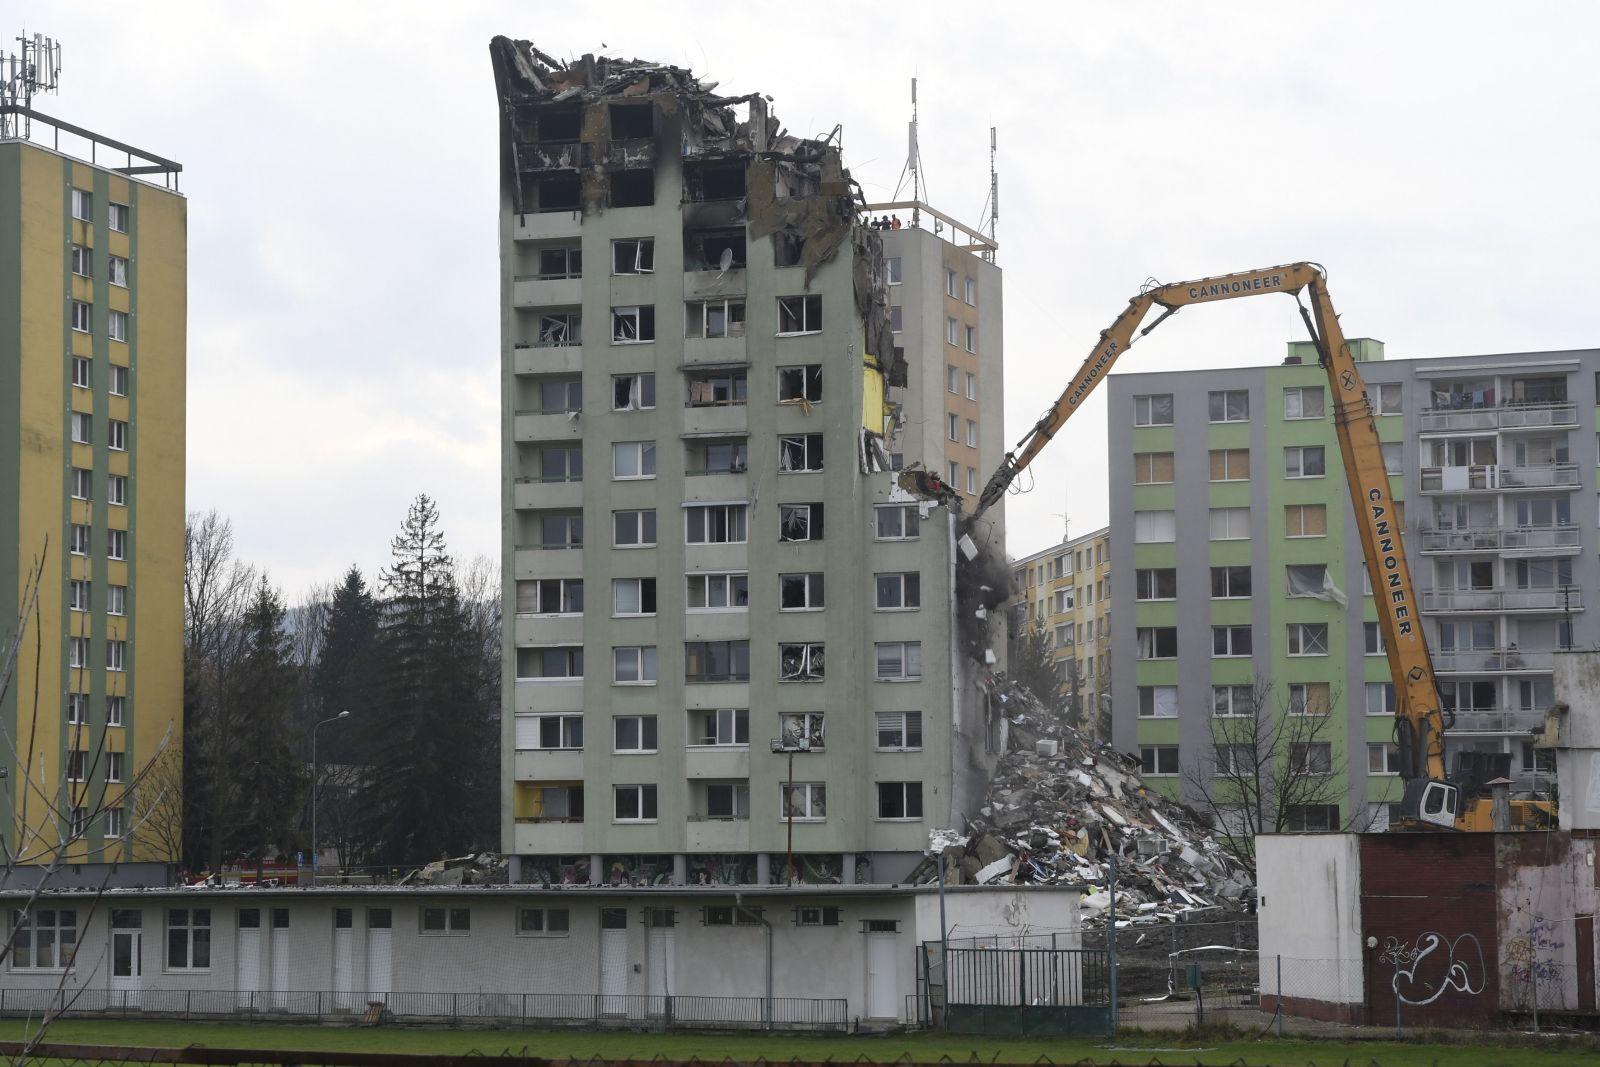 Prešovkskú bytovku zničenú výbuchom definitívne zbúrajú celú